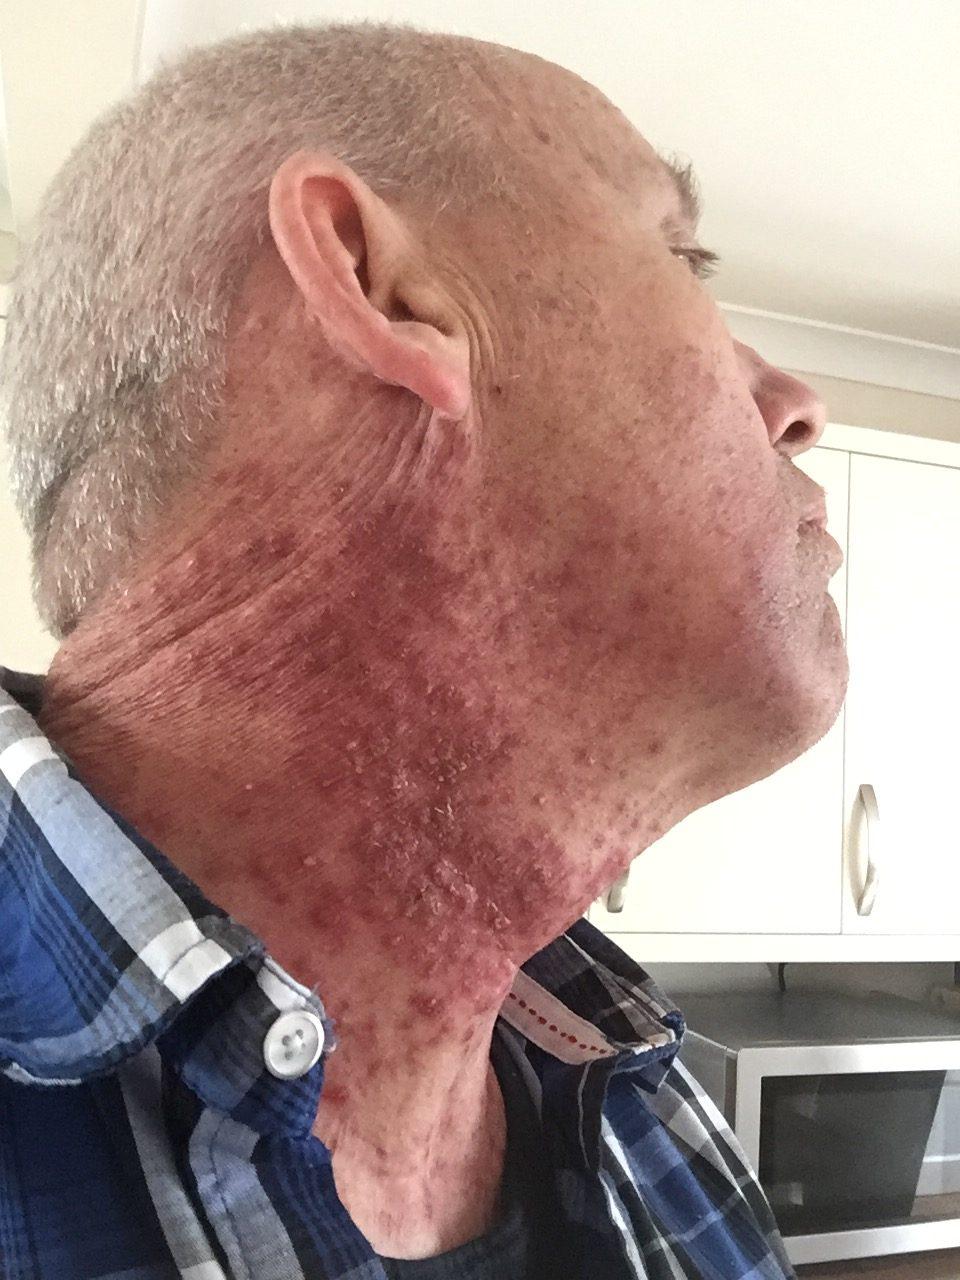 squamous papilloma on skin